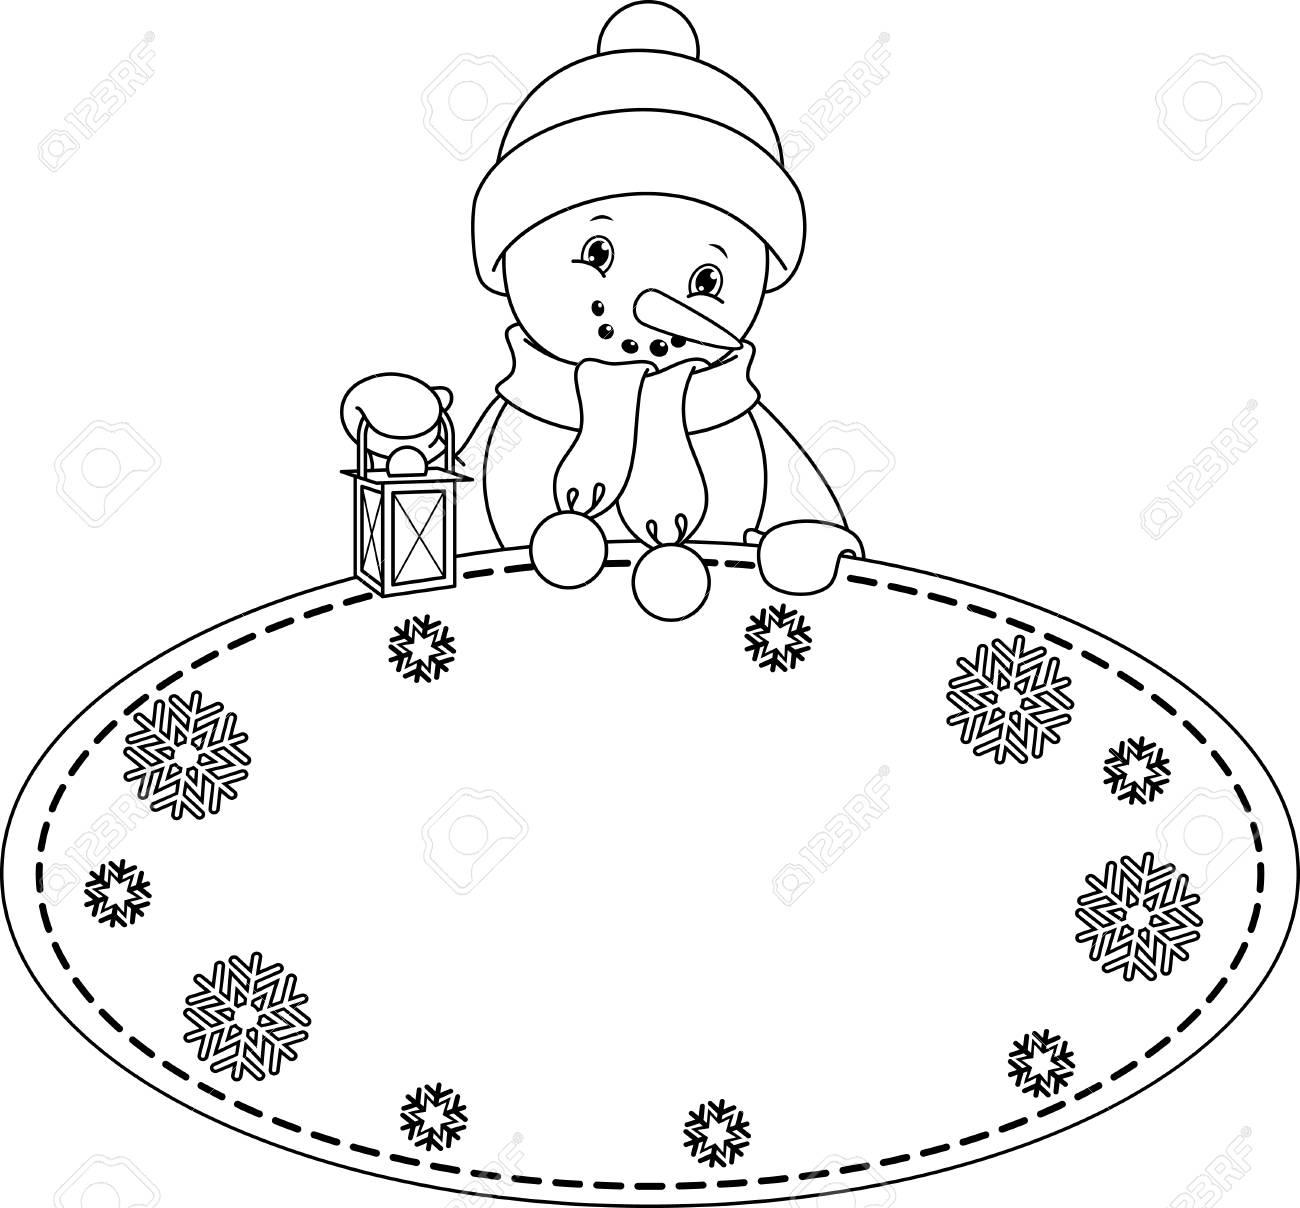 Coloriage Bonhomme De Neige Noel.Cadre De Noel Avec Coloriage Bonhomme De Neige Clip Art Libres De